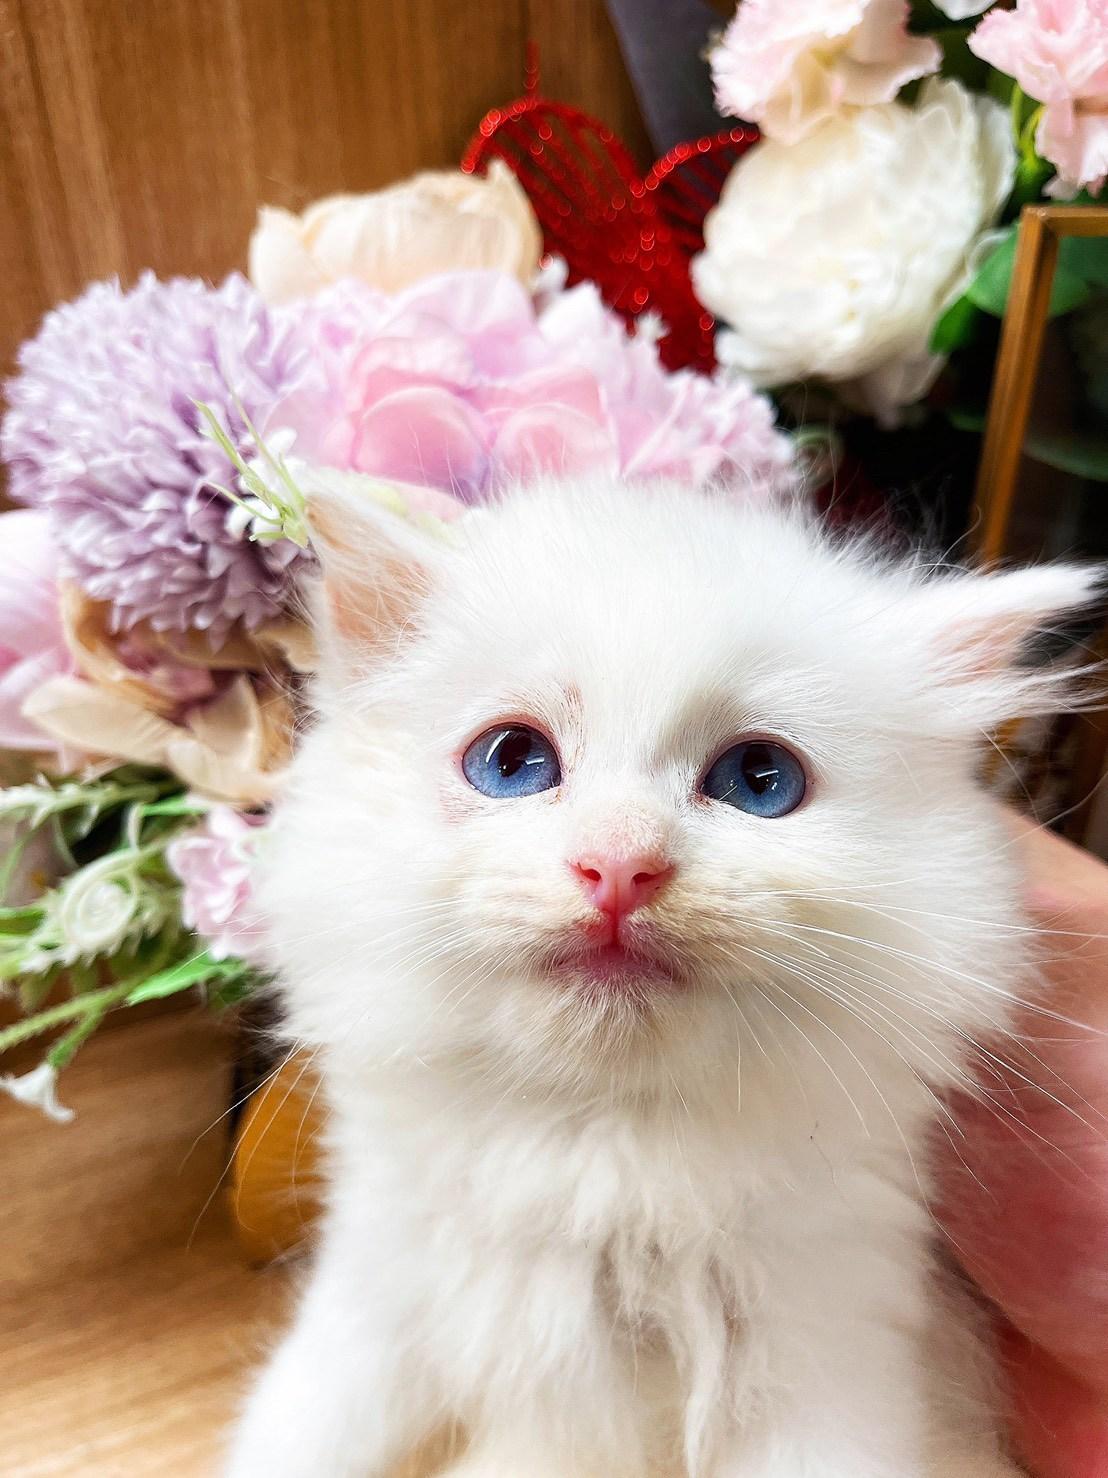 月亮糖糖喵樂園/奶油白色布偶貓妹妹